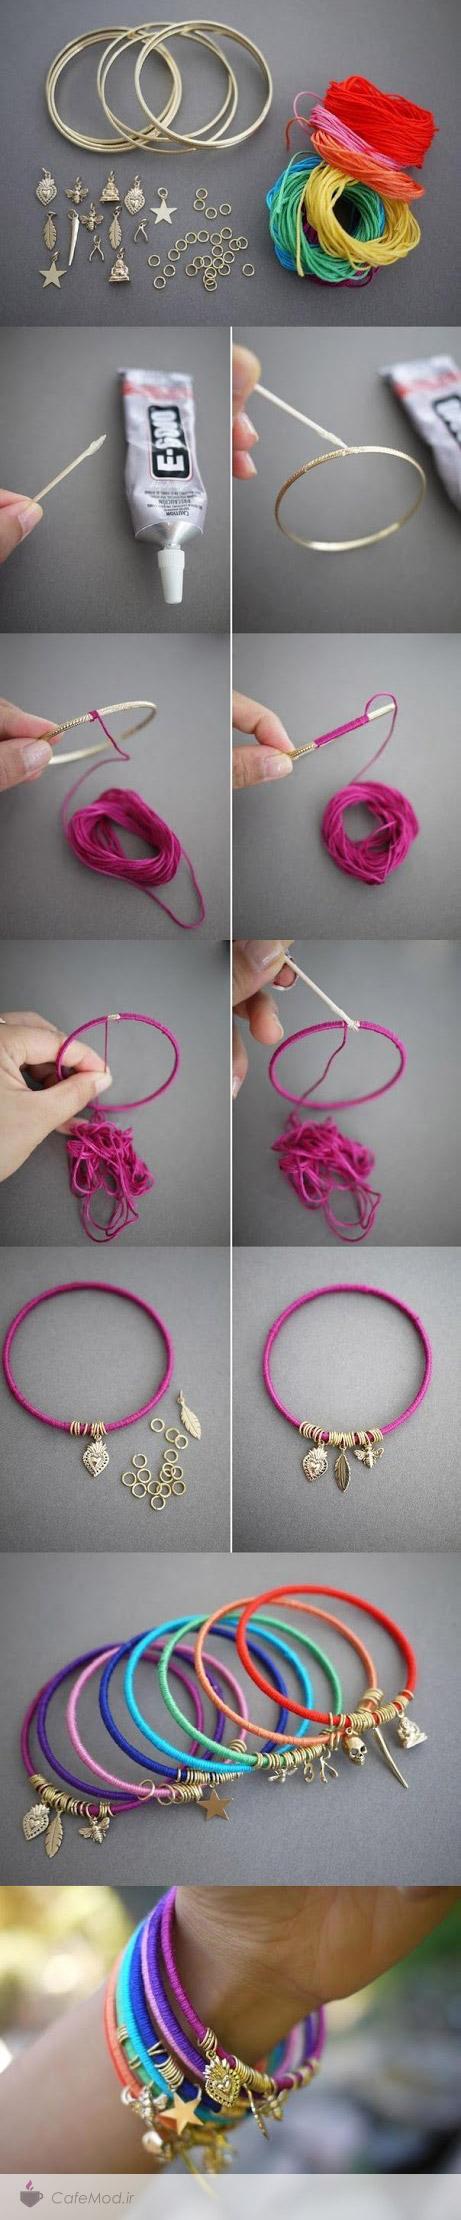 مراحل آموزش ساخت دستبند